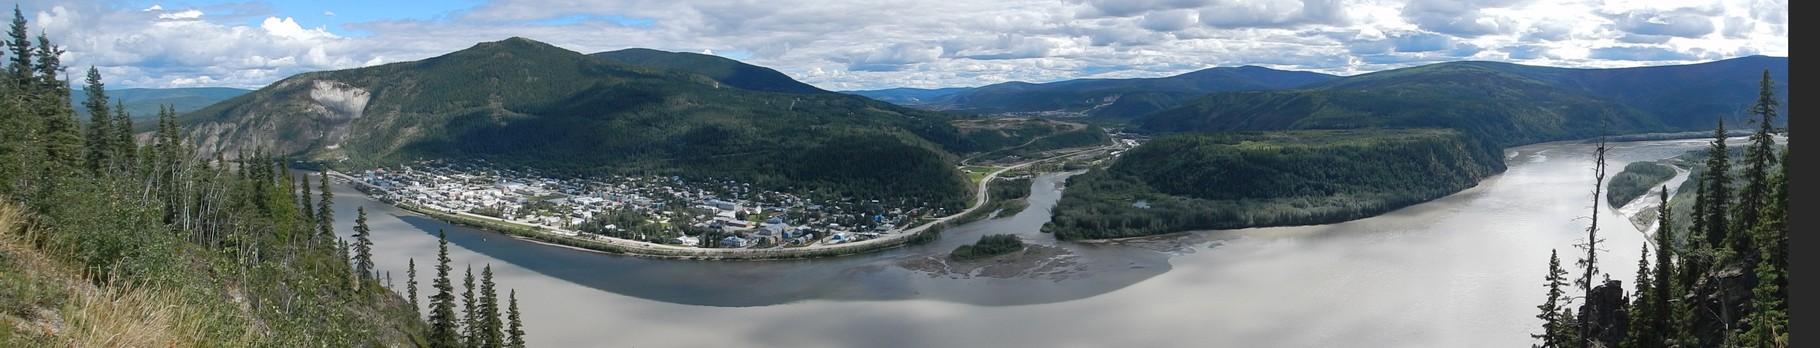 Klondike meets Yukon